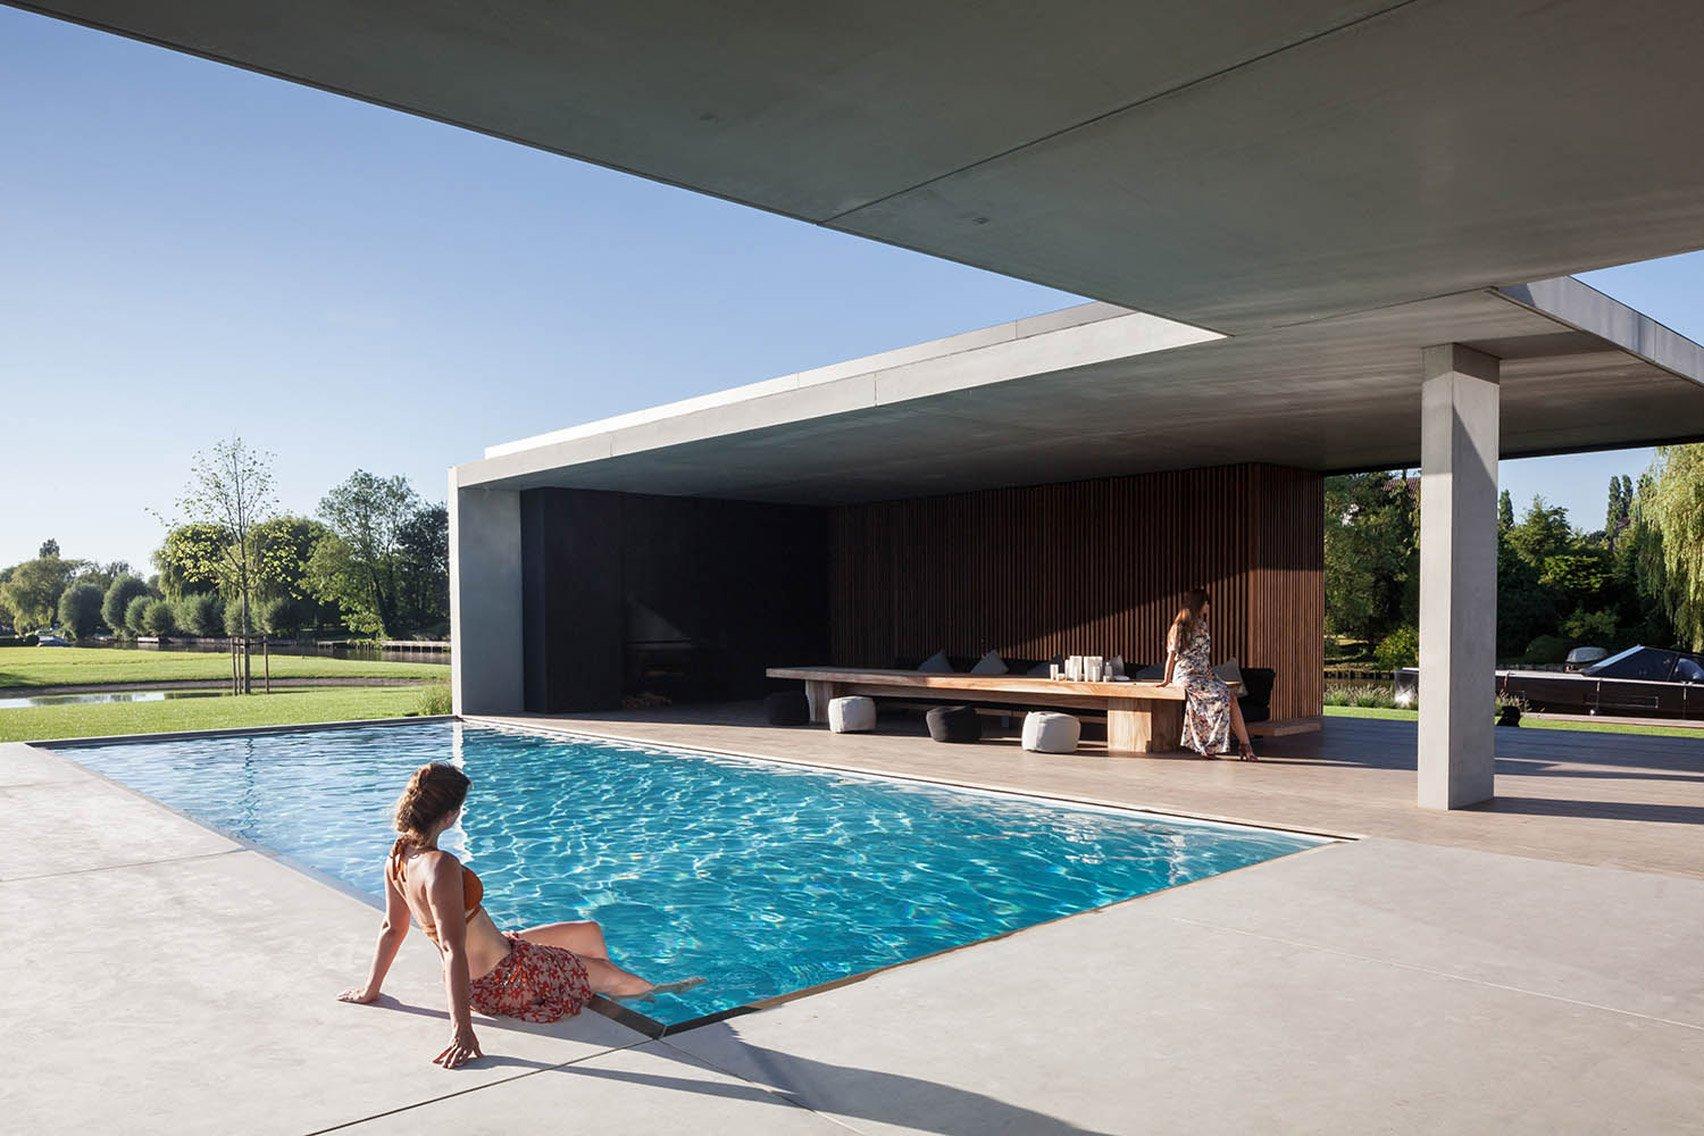 La casa ha più di 800 m2 di superficie / Govaert & Vanhoutte Architects